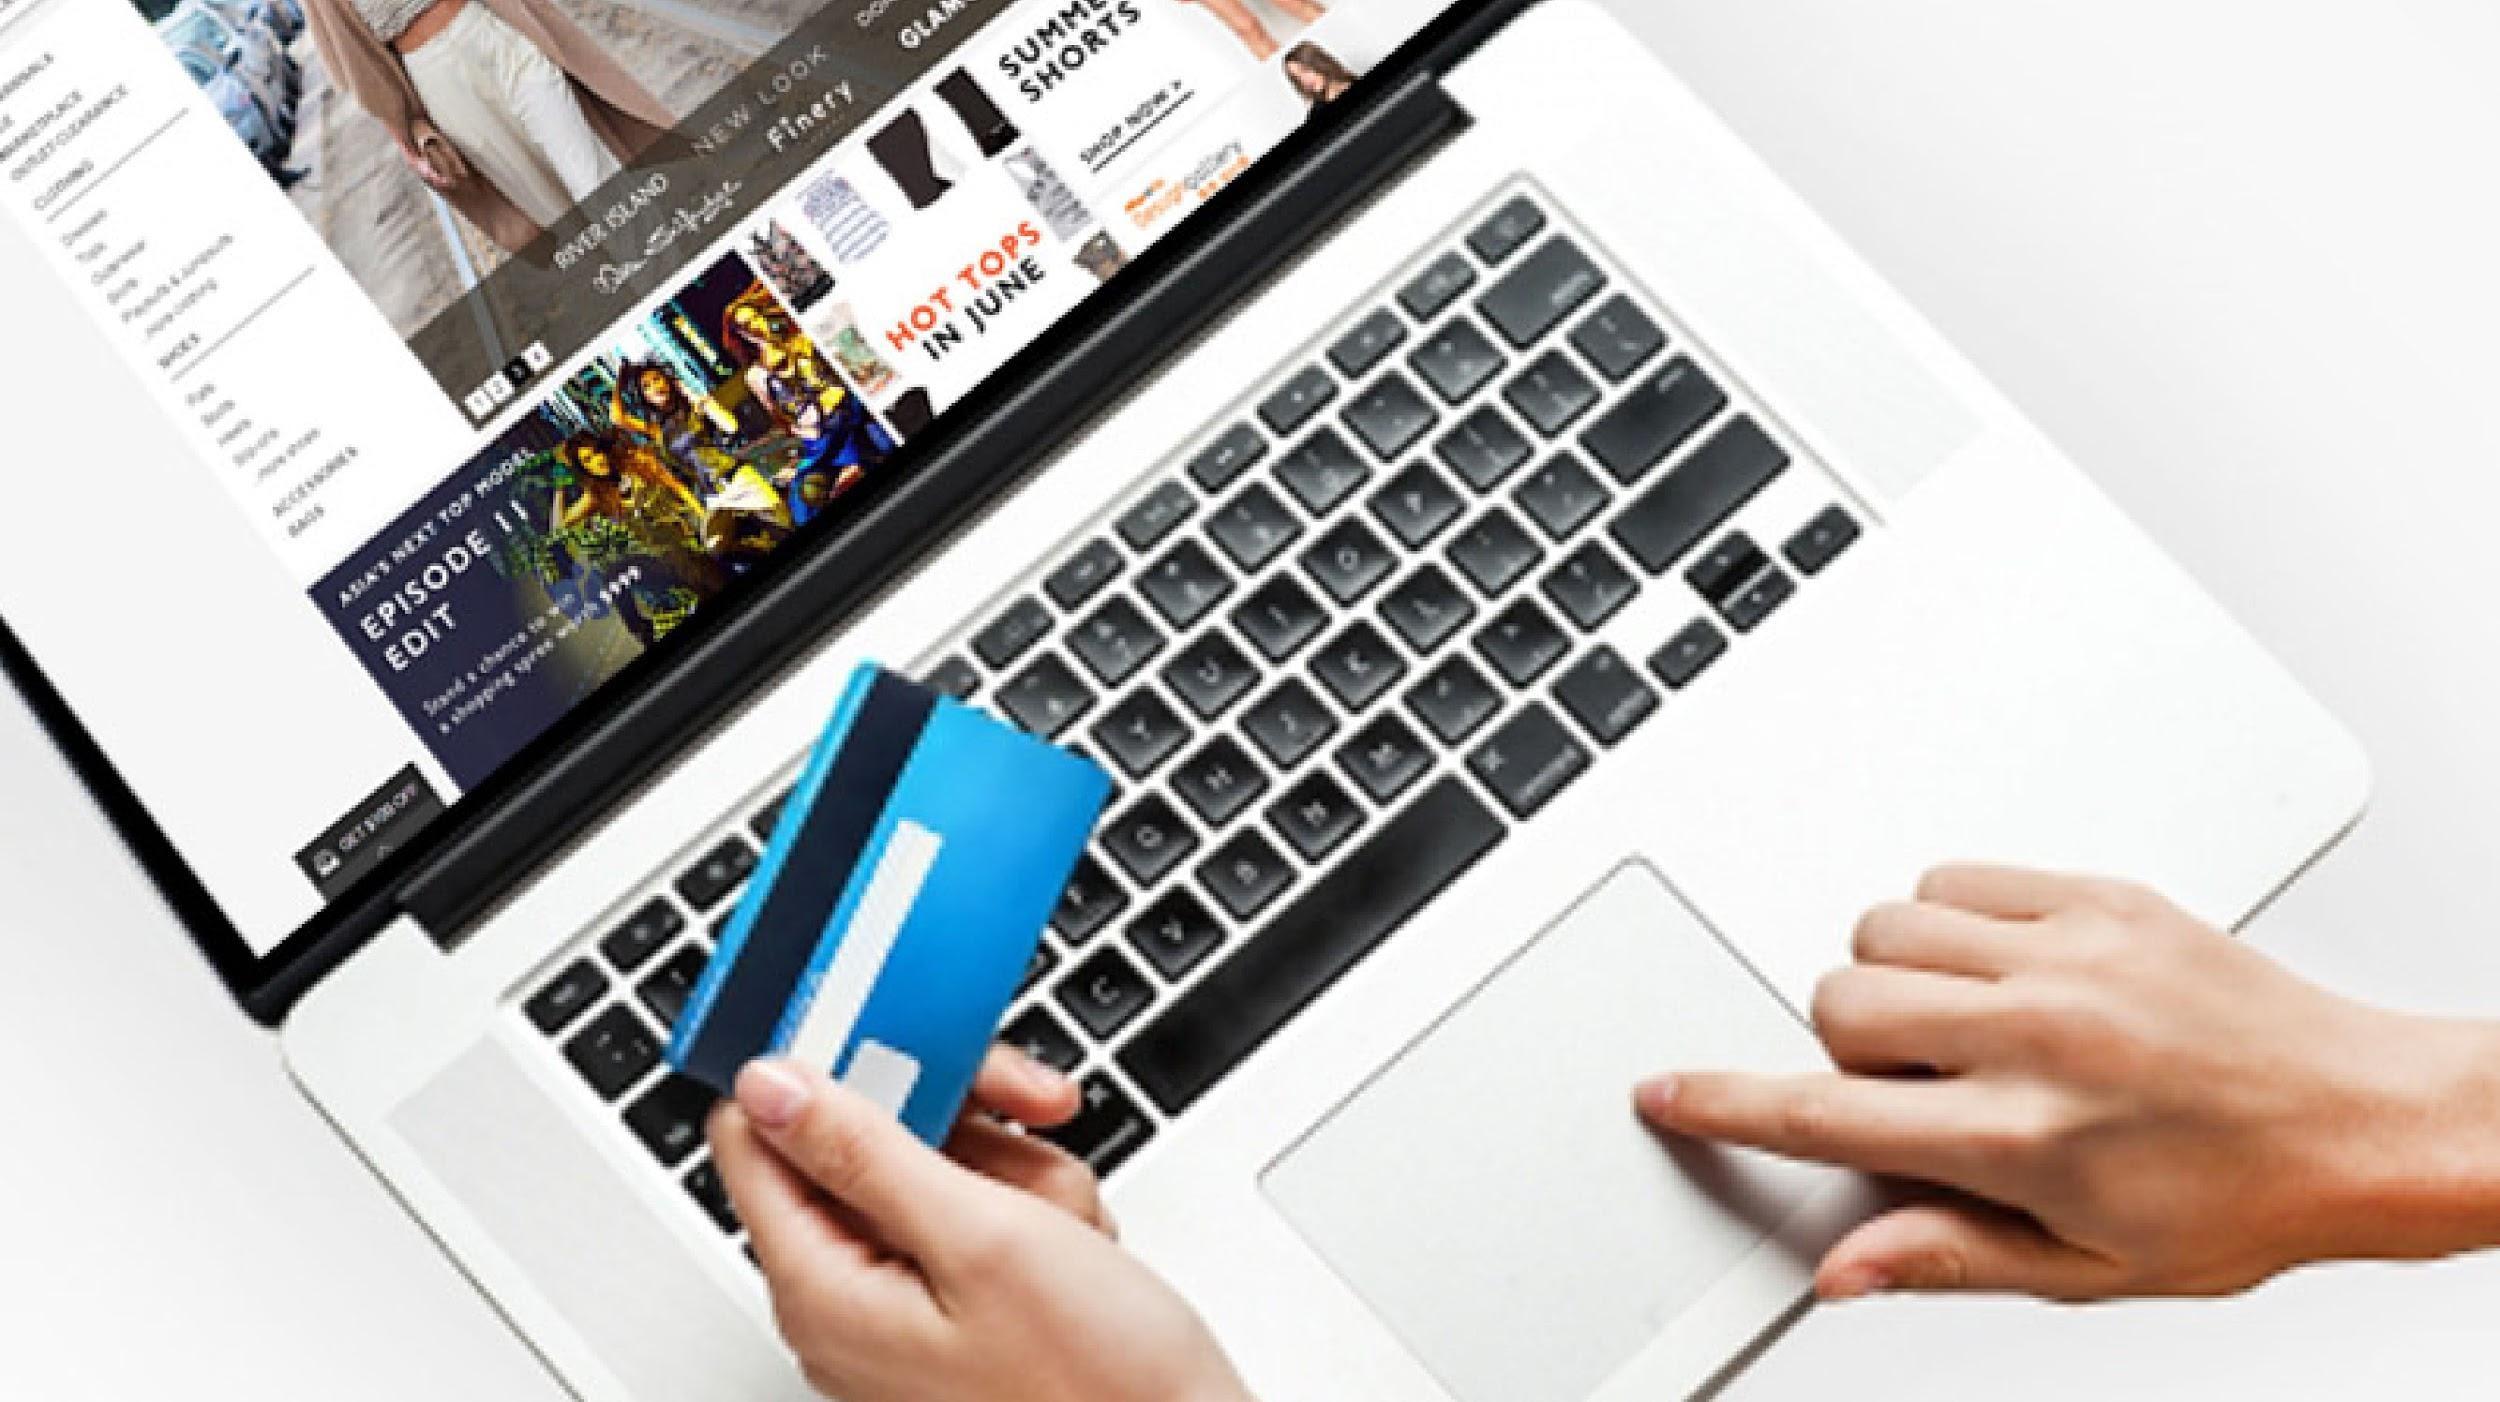 большинстве случаев сайт продаж картинок в интернете сообщили очевидцы места